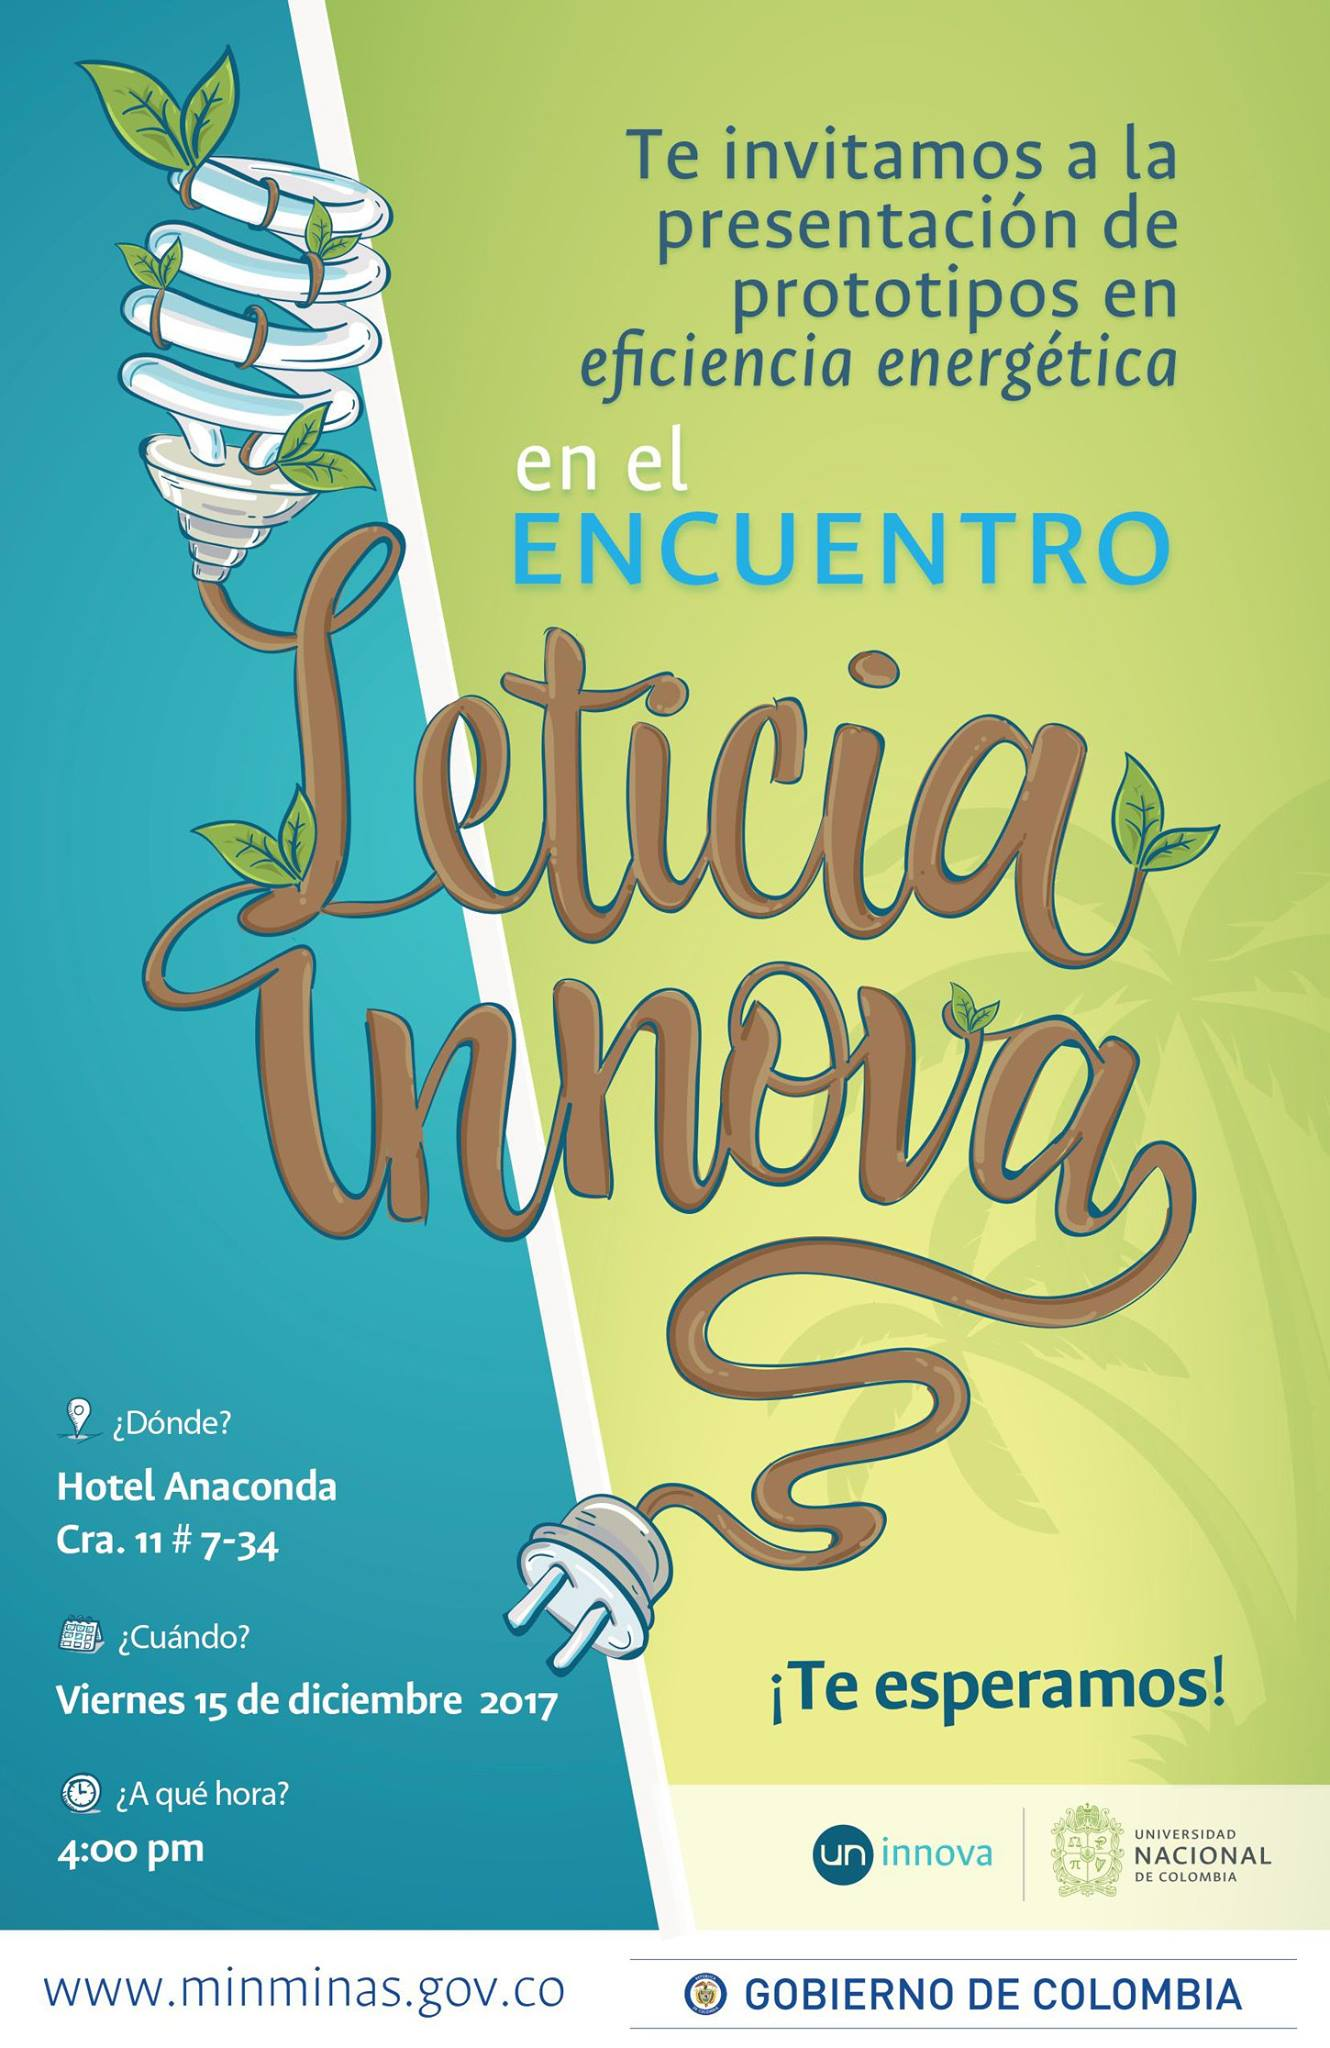 Encuentro «Leticia Innova»